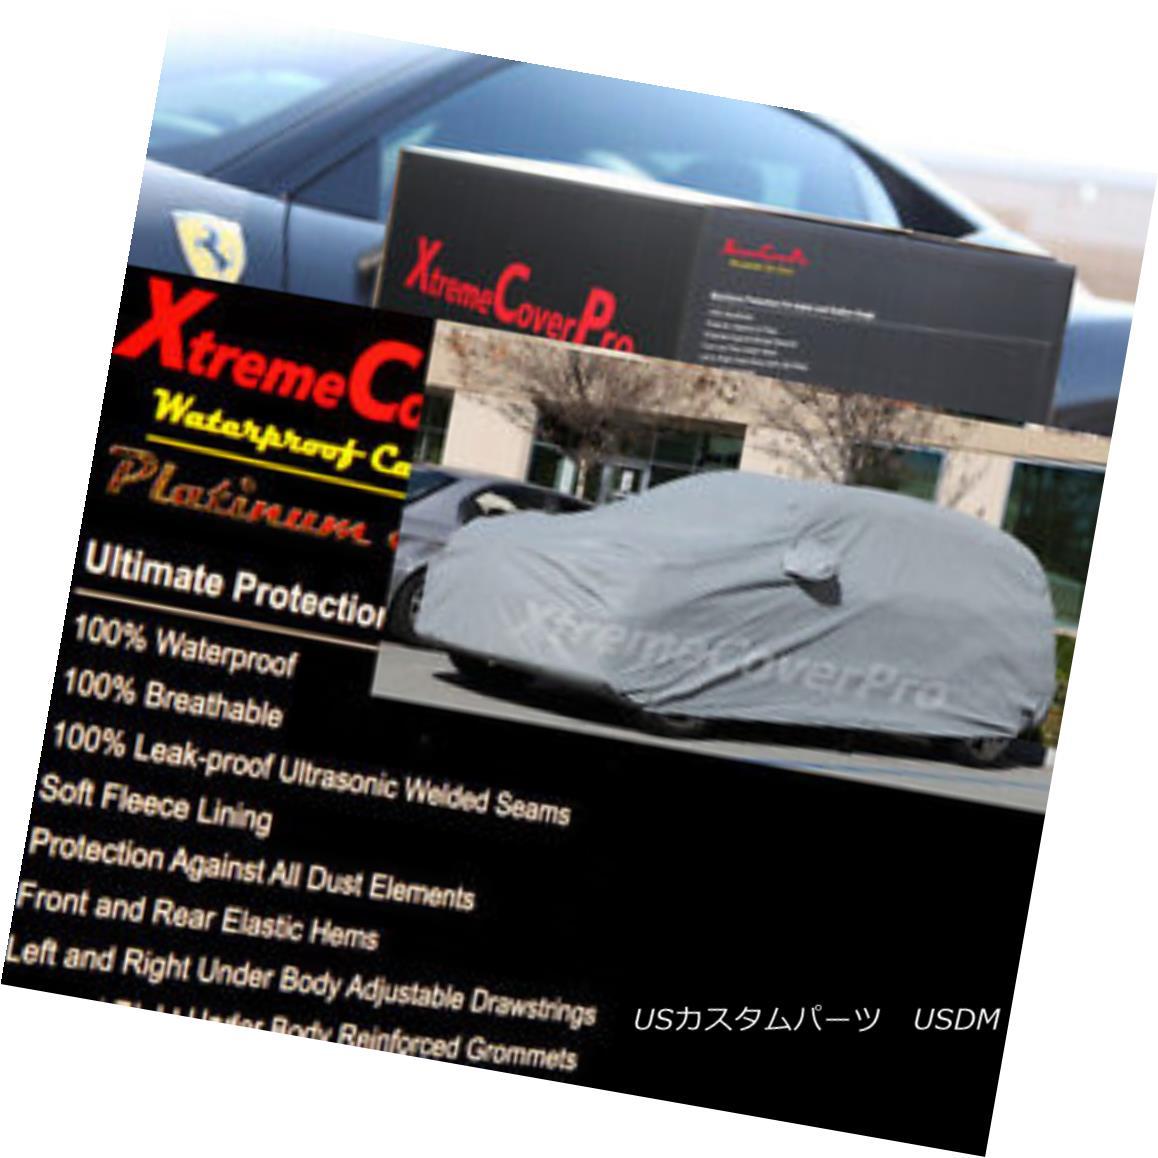 カーカバー 2016 2017 2018 TESLA MODEL X WATERPROOF CAR COVER W/MIRROR POCKET - GREY 2016 2017 2018テスラモデルX防水カーカバー付き/ミラーポケット - グレー